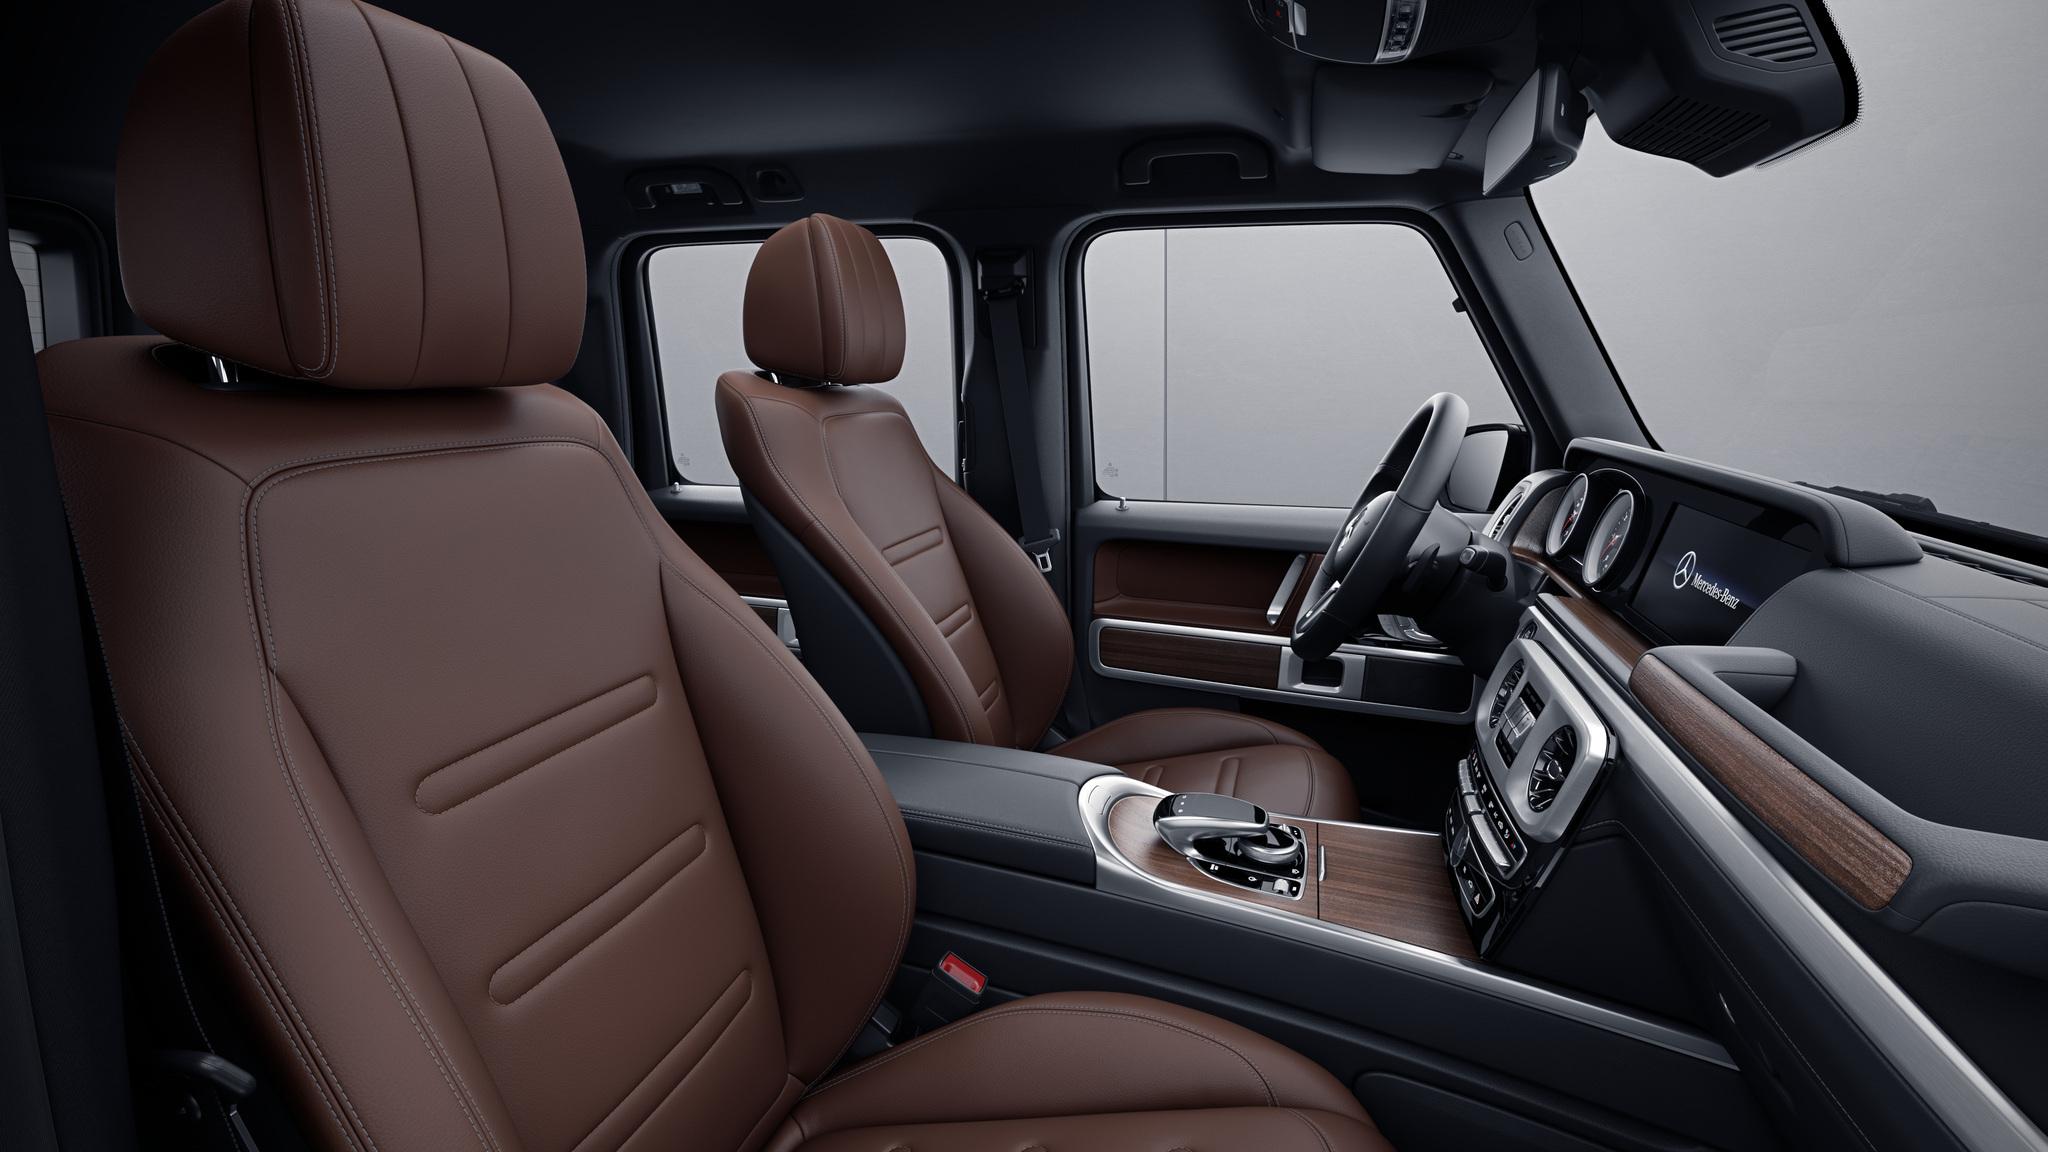 Habitacle de la Mercedes Classe G avec une Sellerie cuir bicolore - marron noix noir